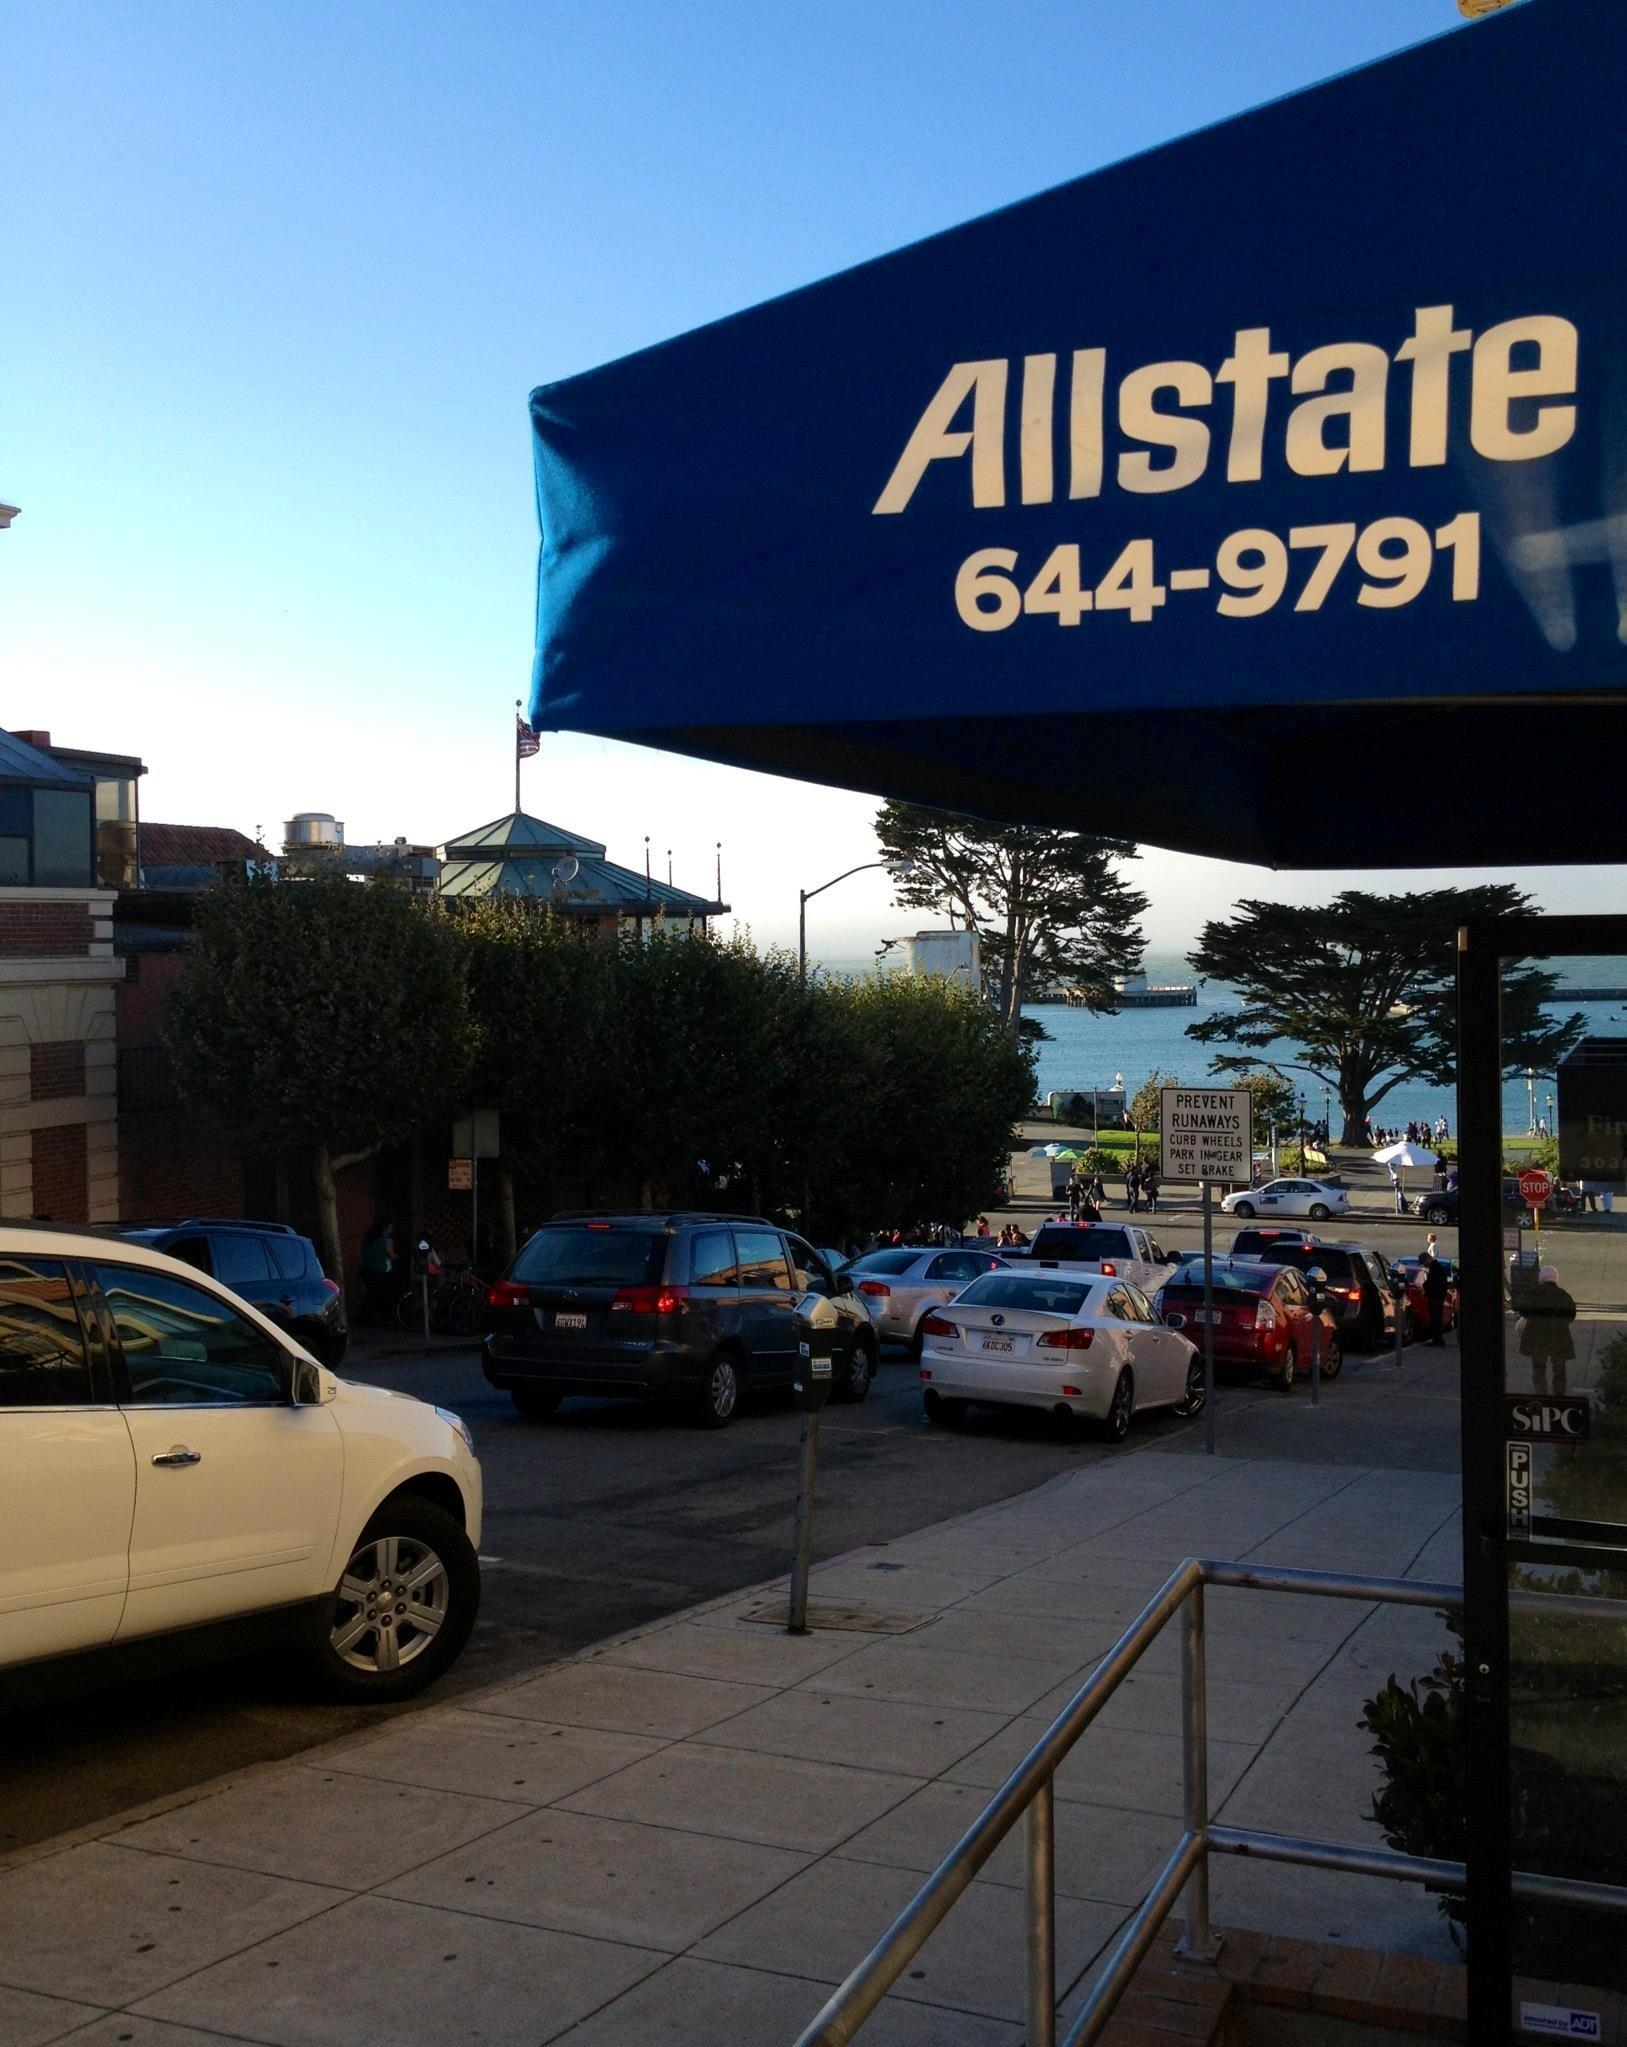 Allstate Insurance Agent: Jennifer Nott Torres